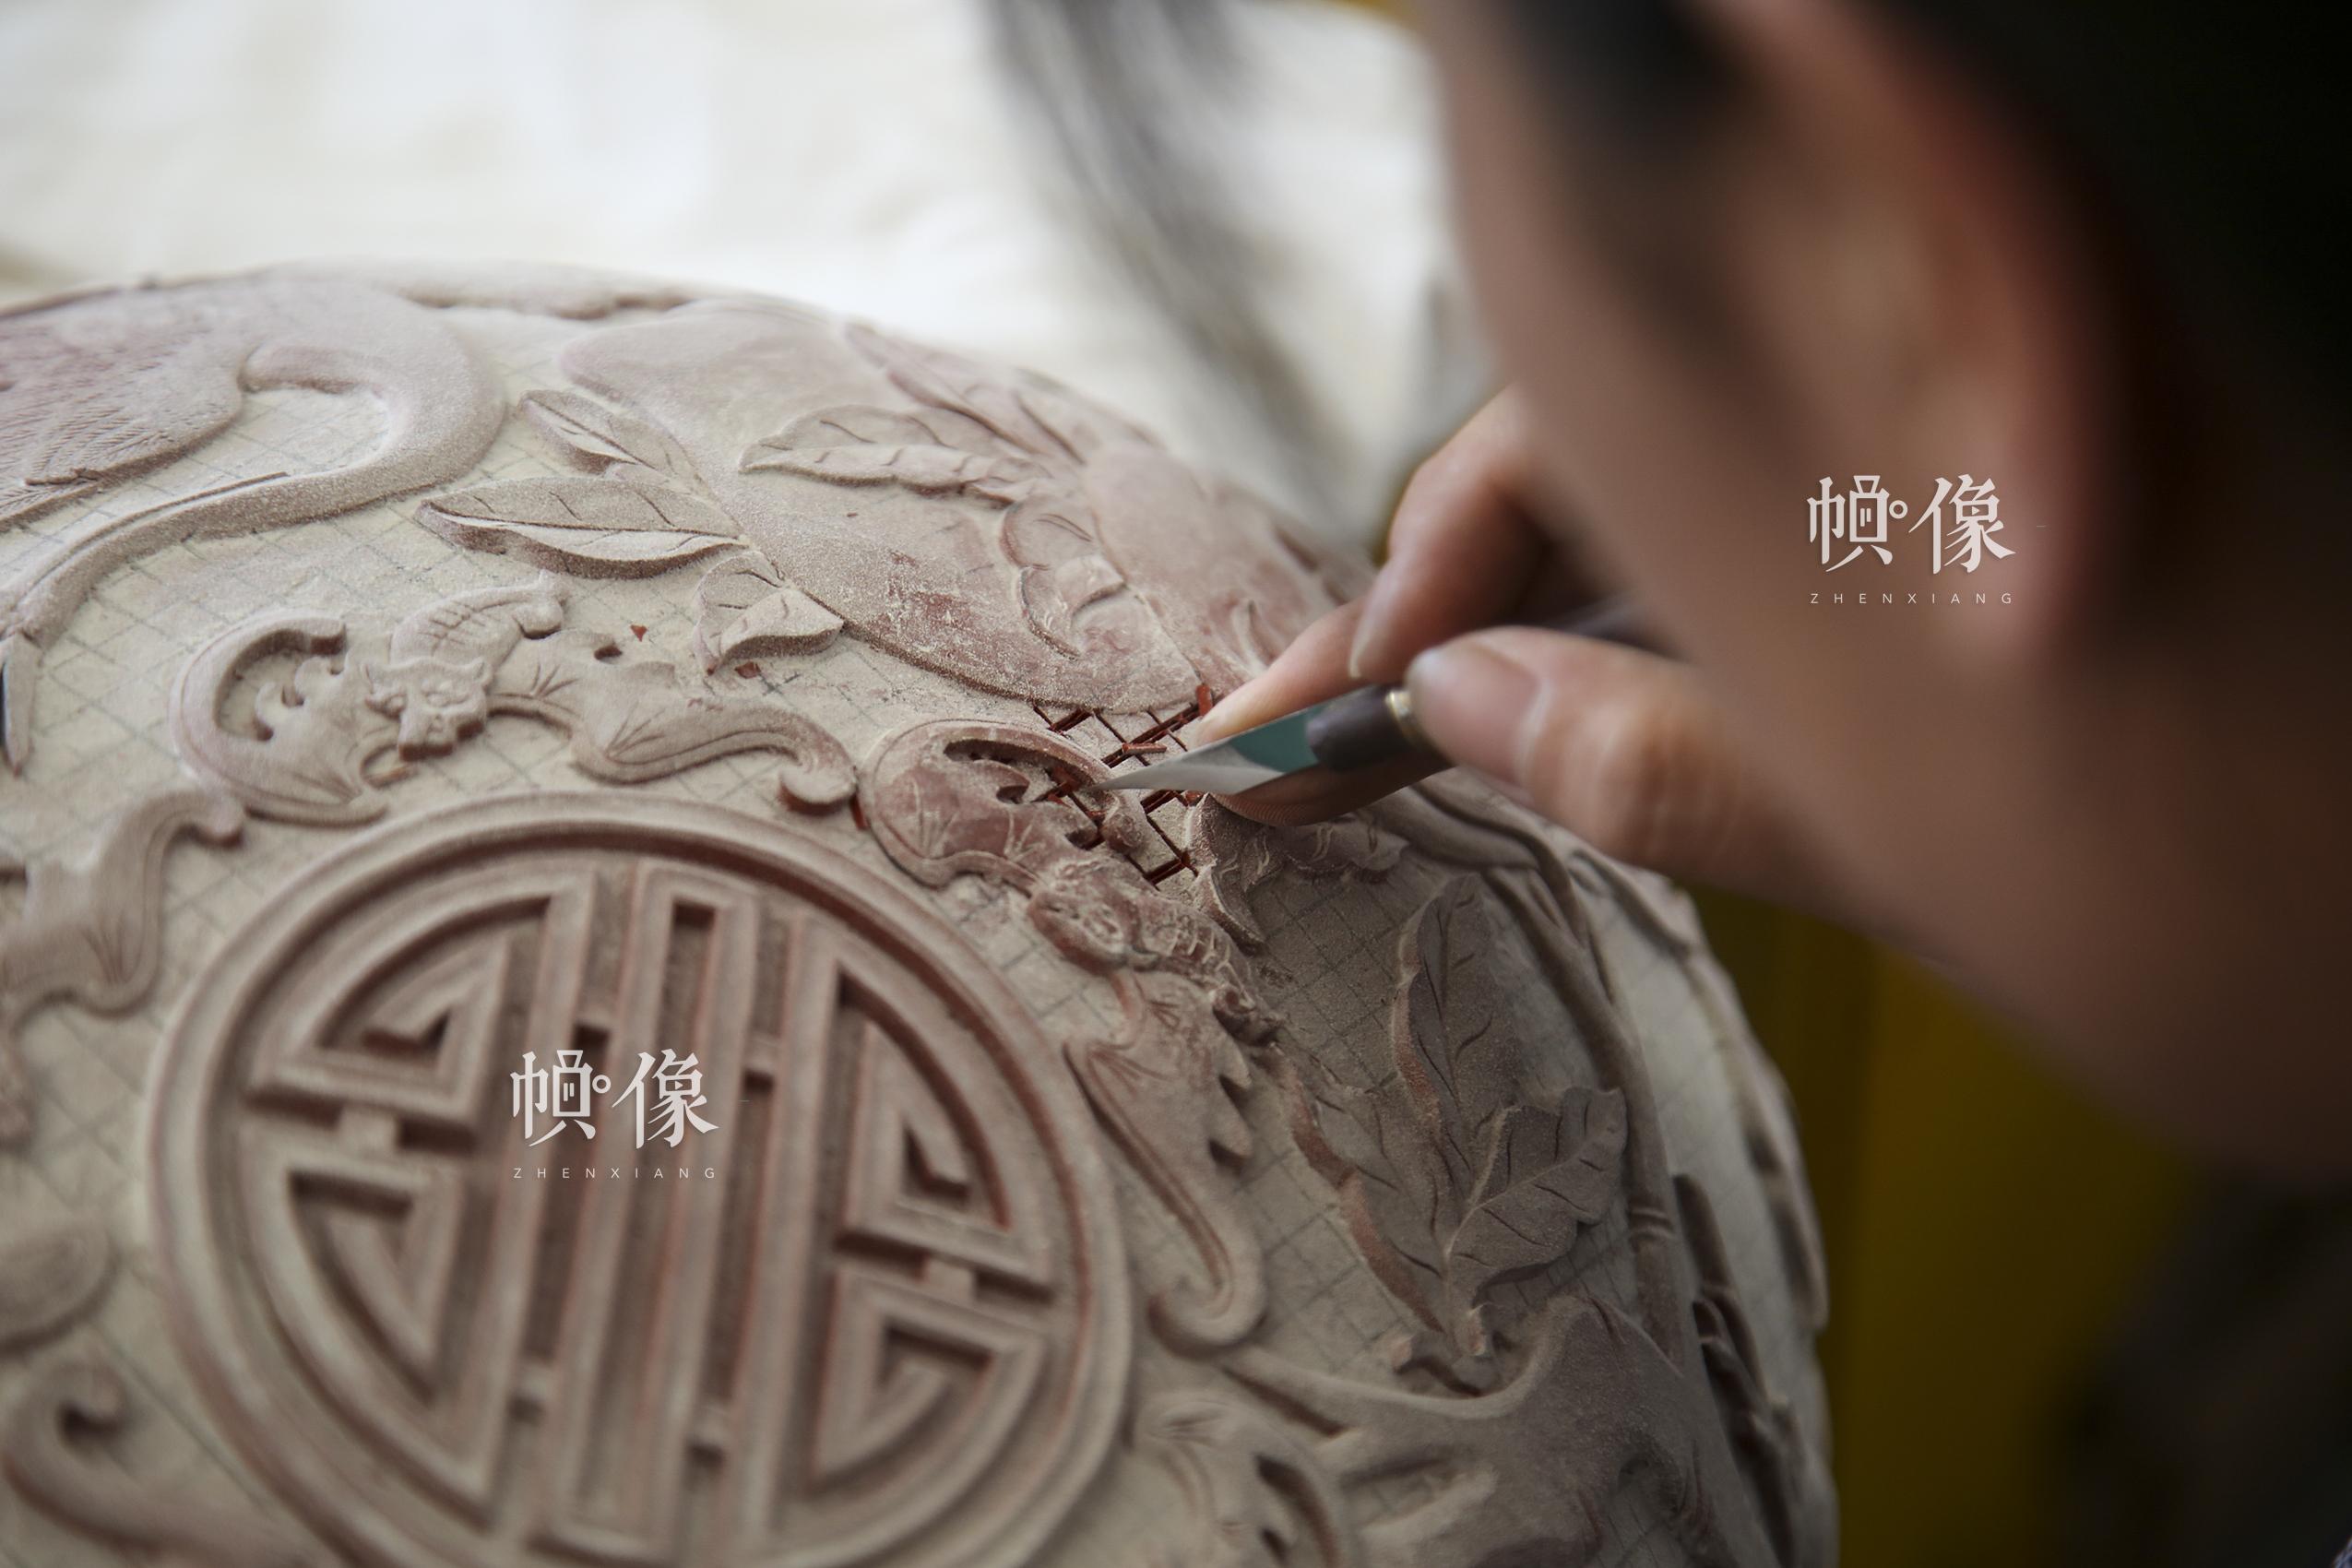 """2017年9月20日,""""明古斋""""雕漆工厂车间,雕漆工作者用工具根据前期画好的图案将废料去掉。中国网记者 黄富友 摄"""